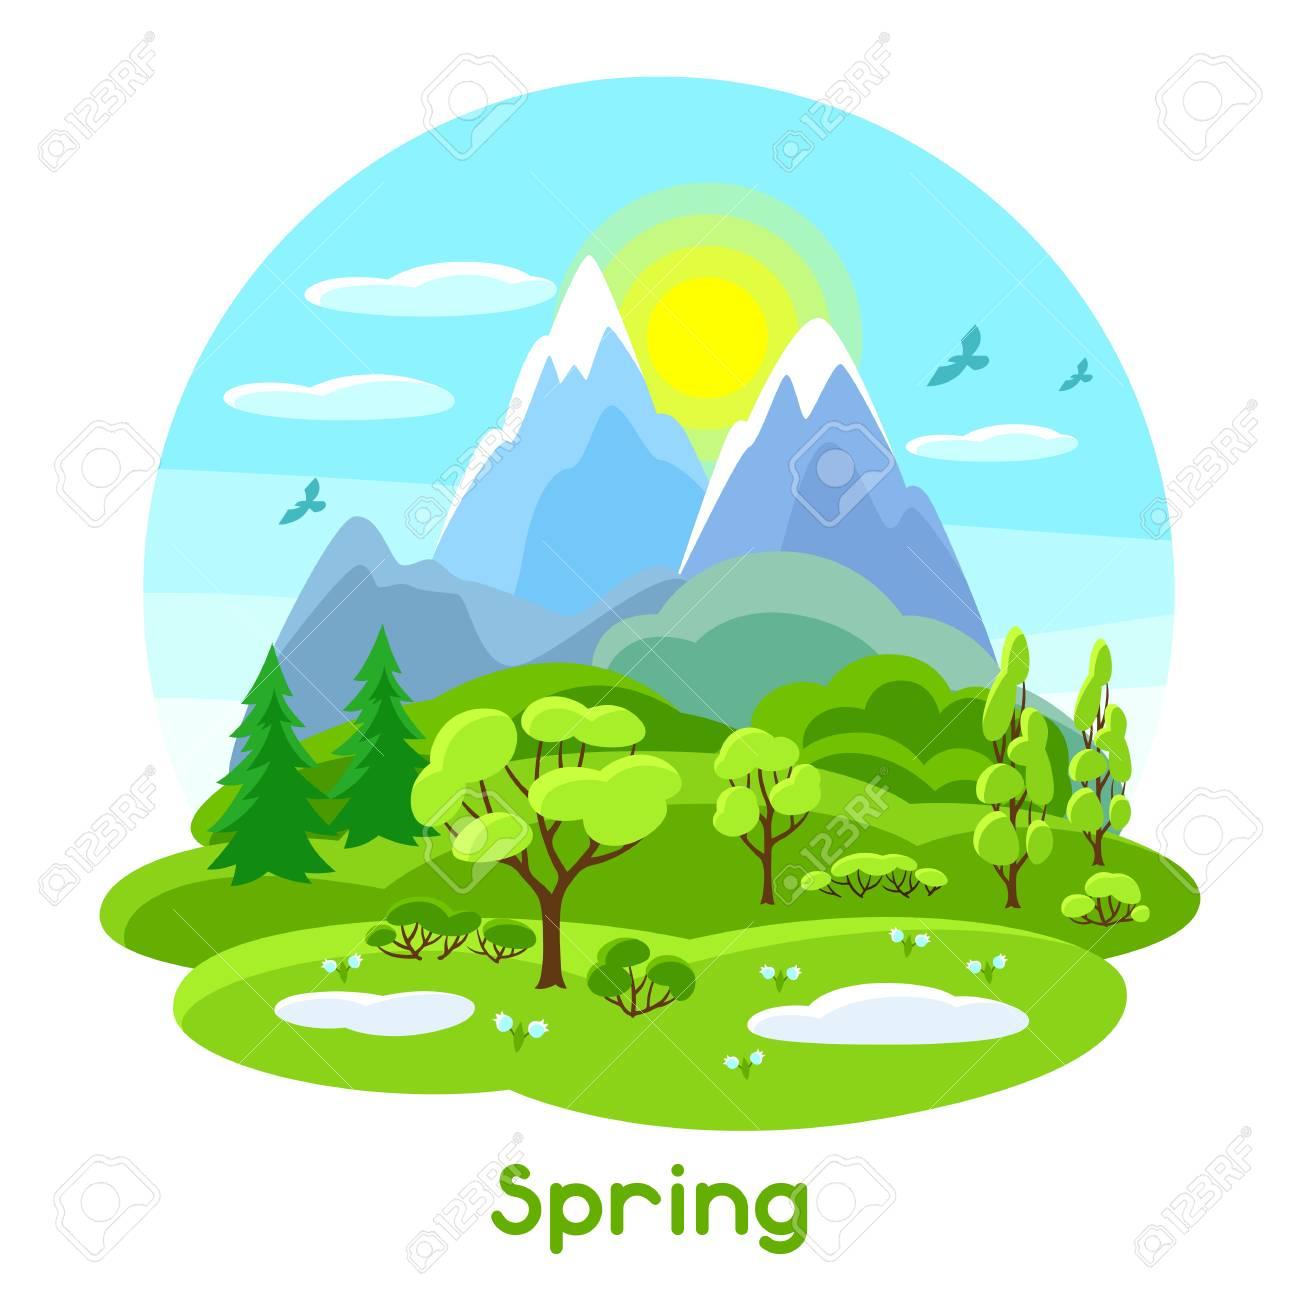 木や山や丘の春の風景です季節のイラストのイラスト素材ベクタ